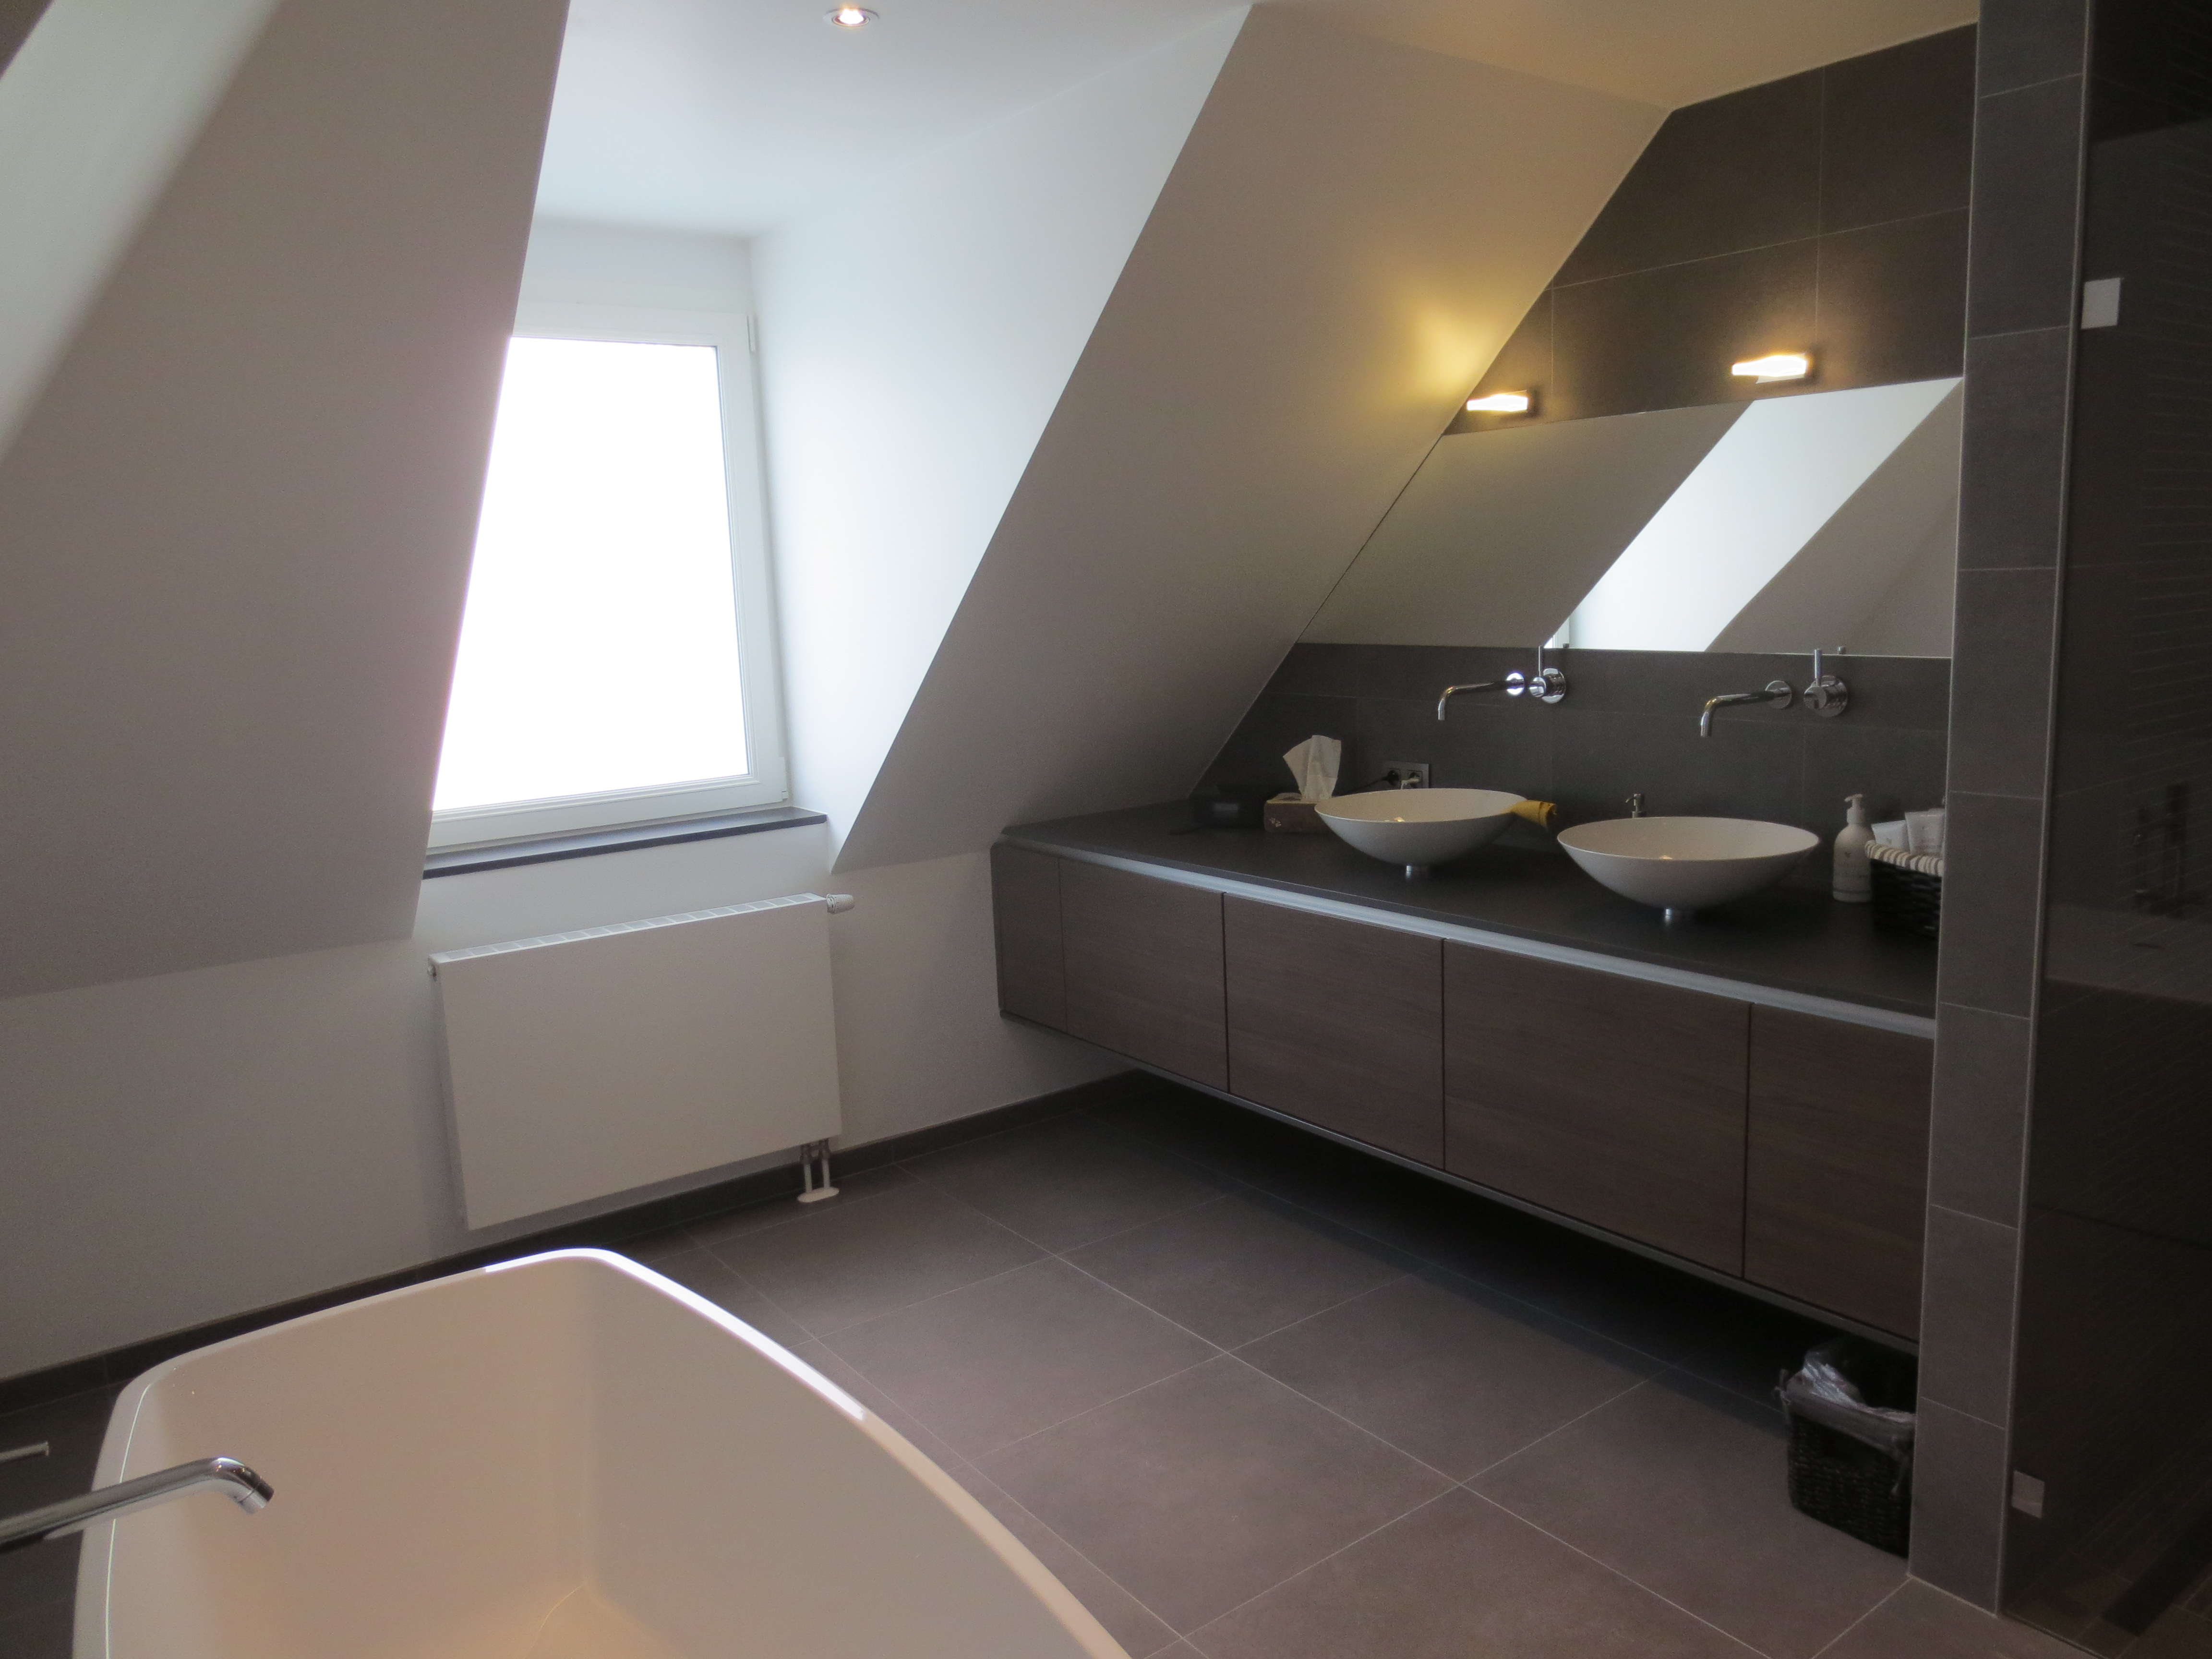 Afgewerkte grote badkamer